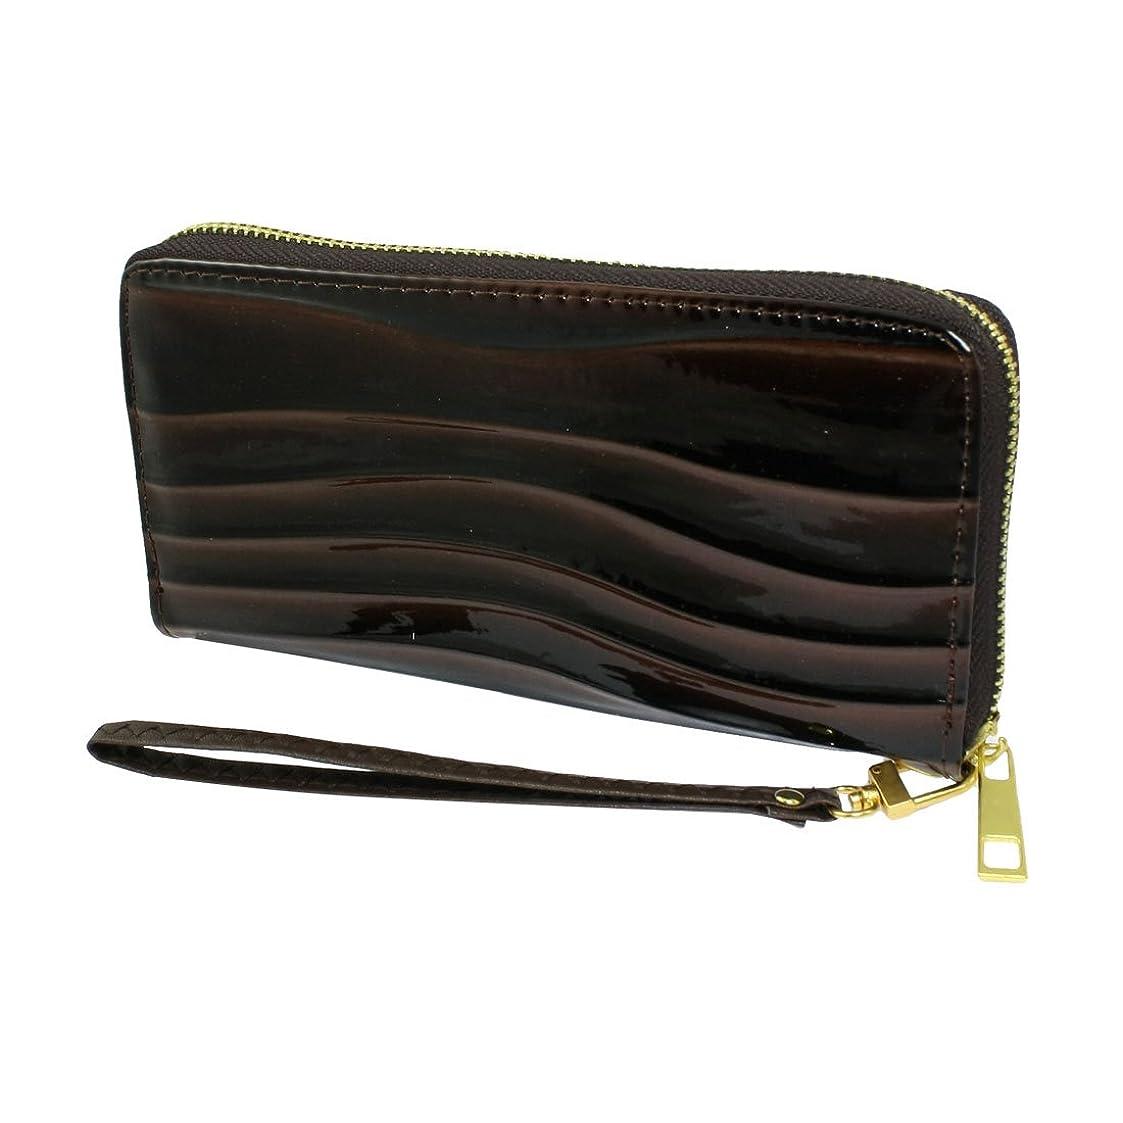 削る怪物洗練uxcell ウォレット バッグ チョコレート財布 女性 プリント レザージップ